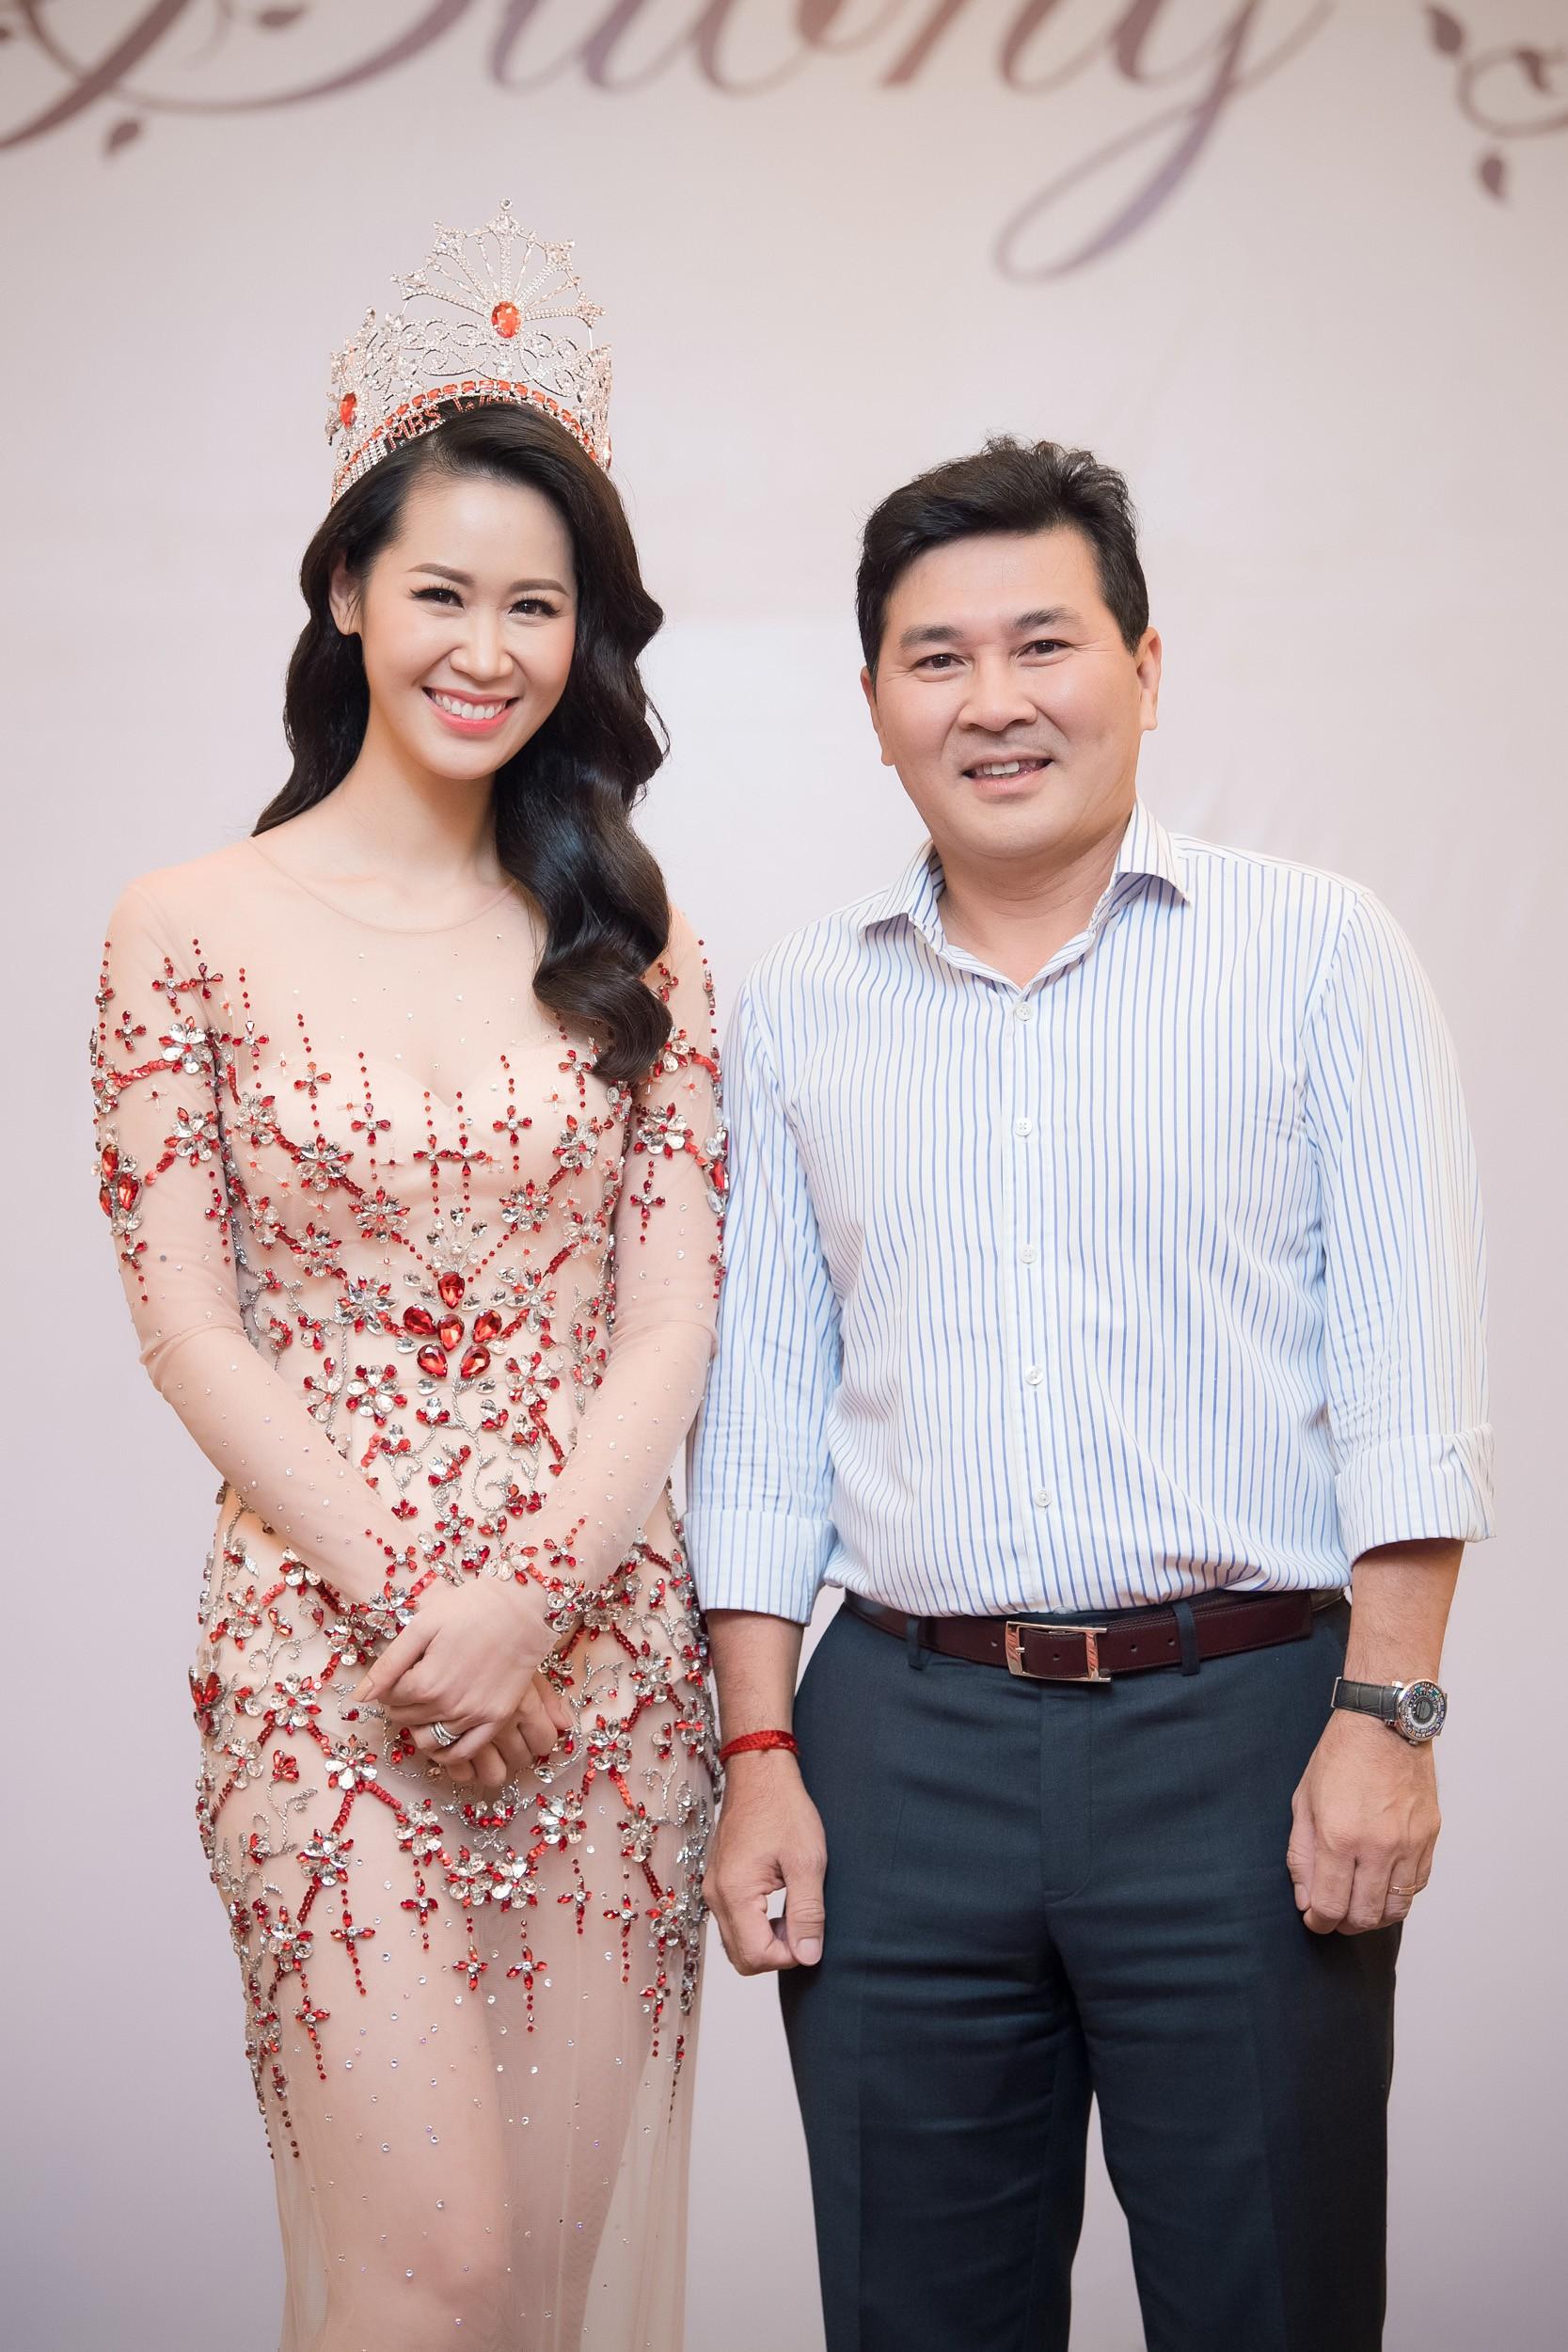 Dương Thùy Linh kể về cái ôm sau cánh gà trước khi được xướng tên Hoa hậu Quý bà toàn thế giới 2018 - Ảnh 11.